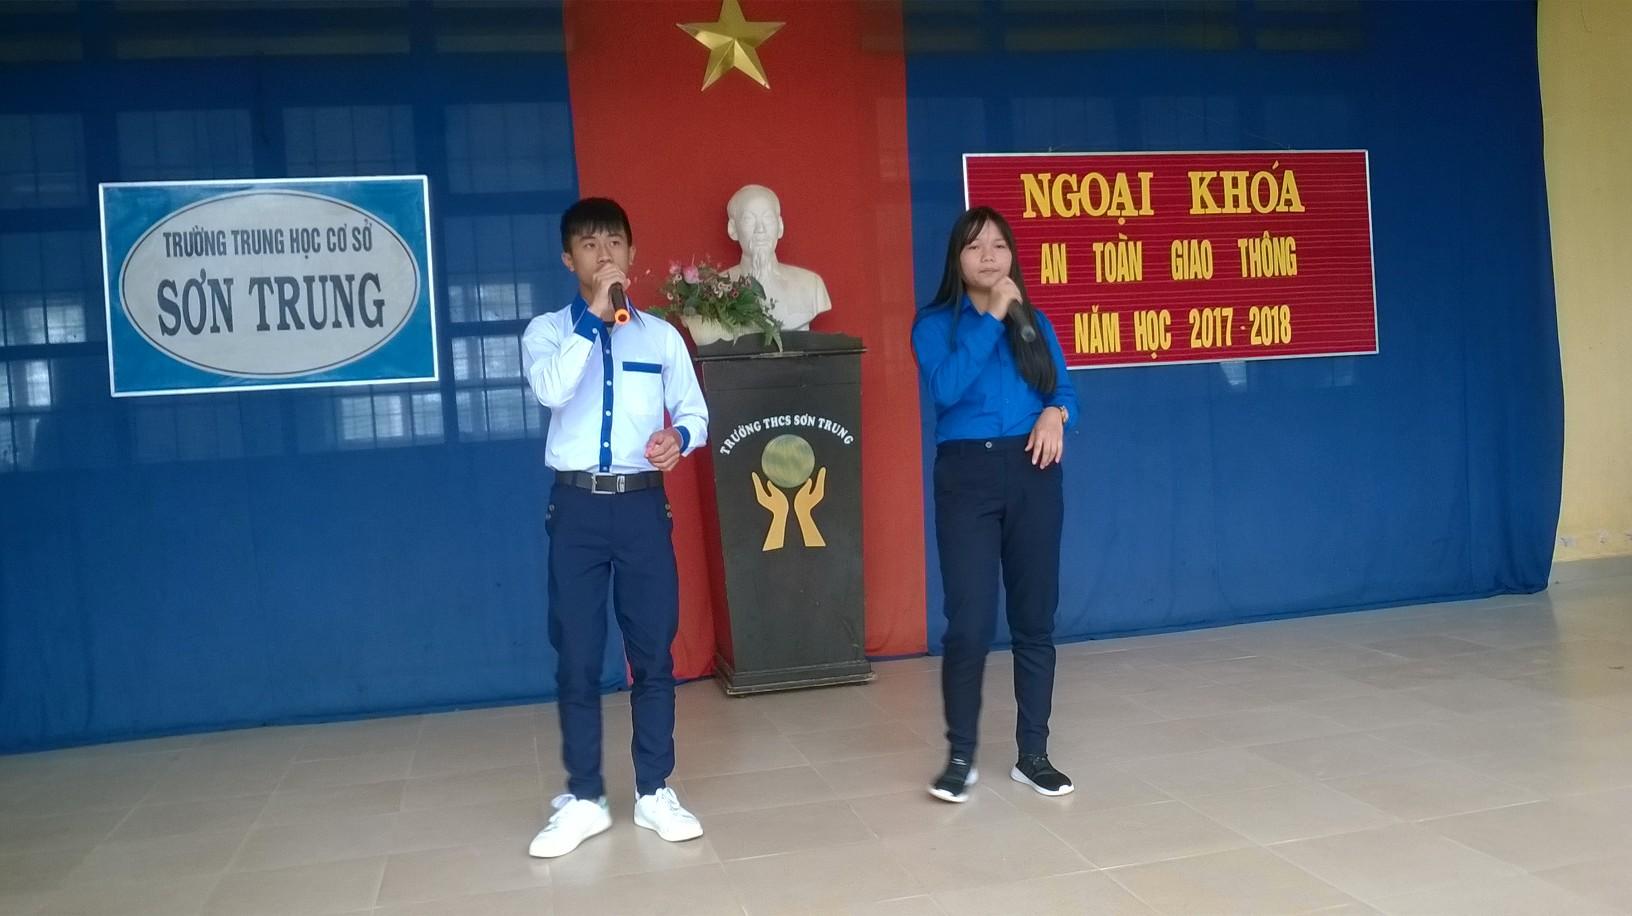 Ngoại khóa An Toàn GIao Thông năm học 2017-2018